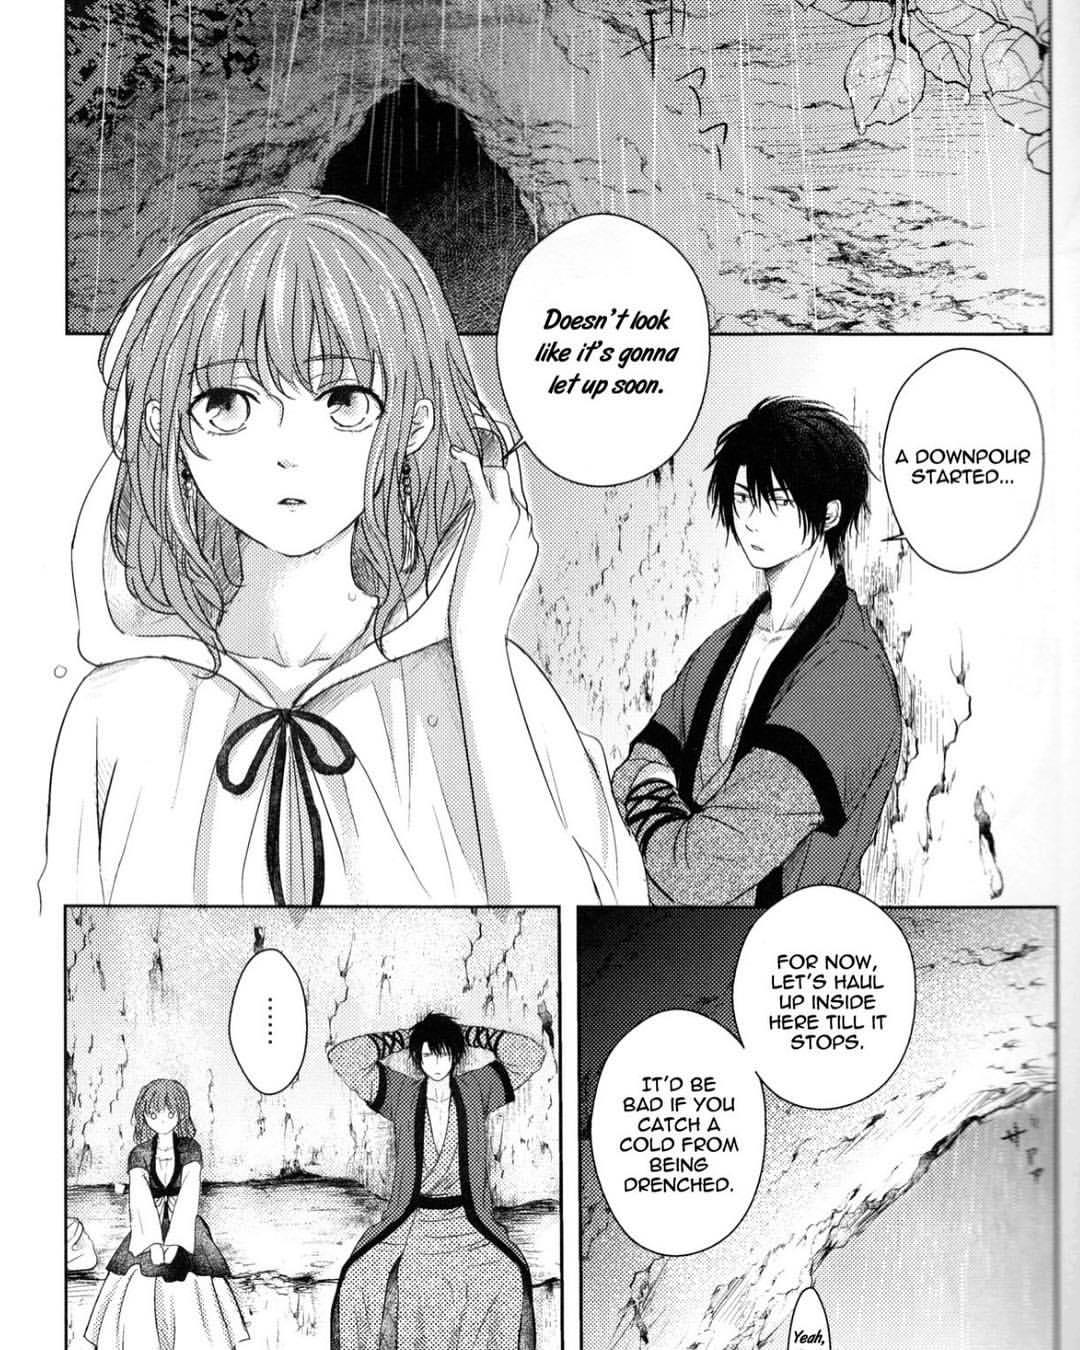 Manga Romance Terbaik : manga, romance, terbaik, Historical, Shoujo, Manga, ANIME, Impulse